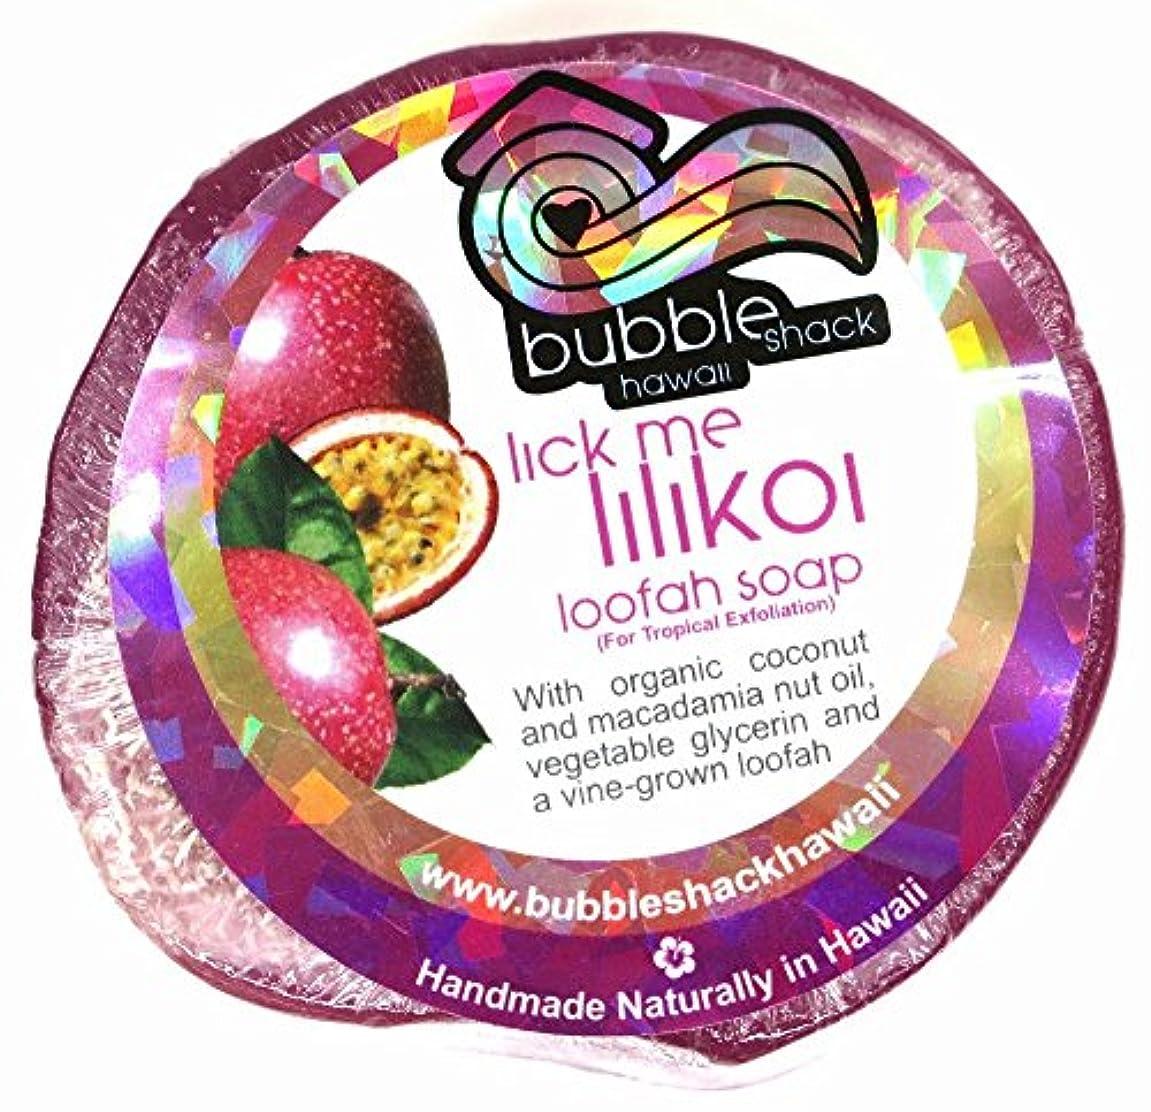 真似る誤プライムハワイアン雑貨/ハワイ 雑貨【バブルシャック】Bubble Shack Hawaii ルーファーソープ(リックミーリリコイ) 【お土産】